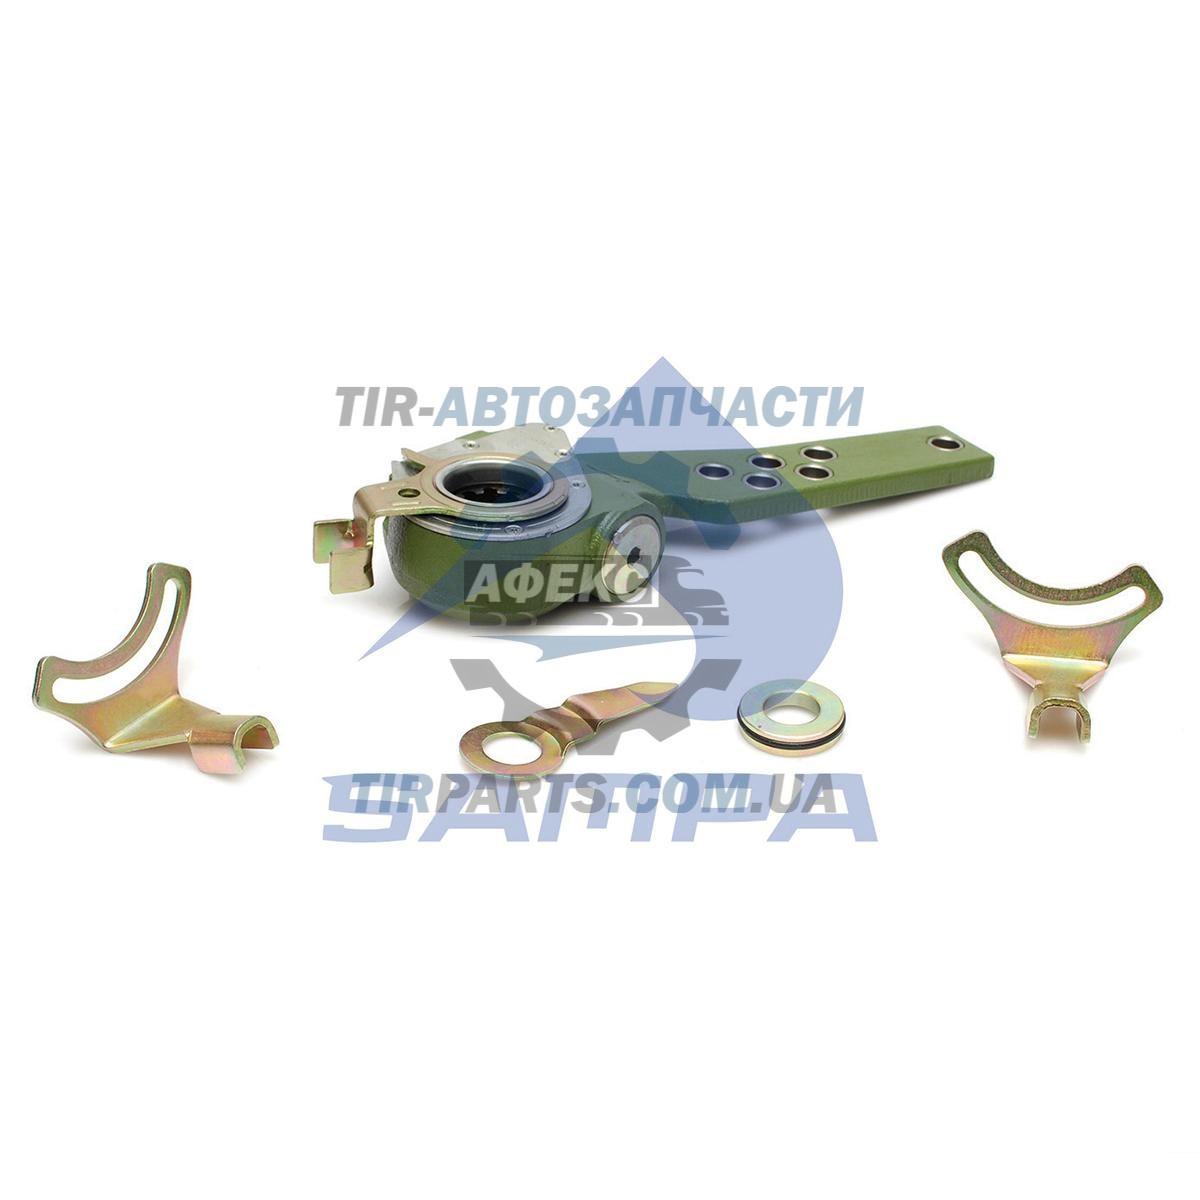 Рычаг тормозной (трещотка) BPW, SAF автоматическая 14x250x180x165x150x135x120x110 град. (0517482312 | 070.476)